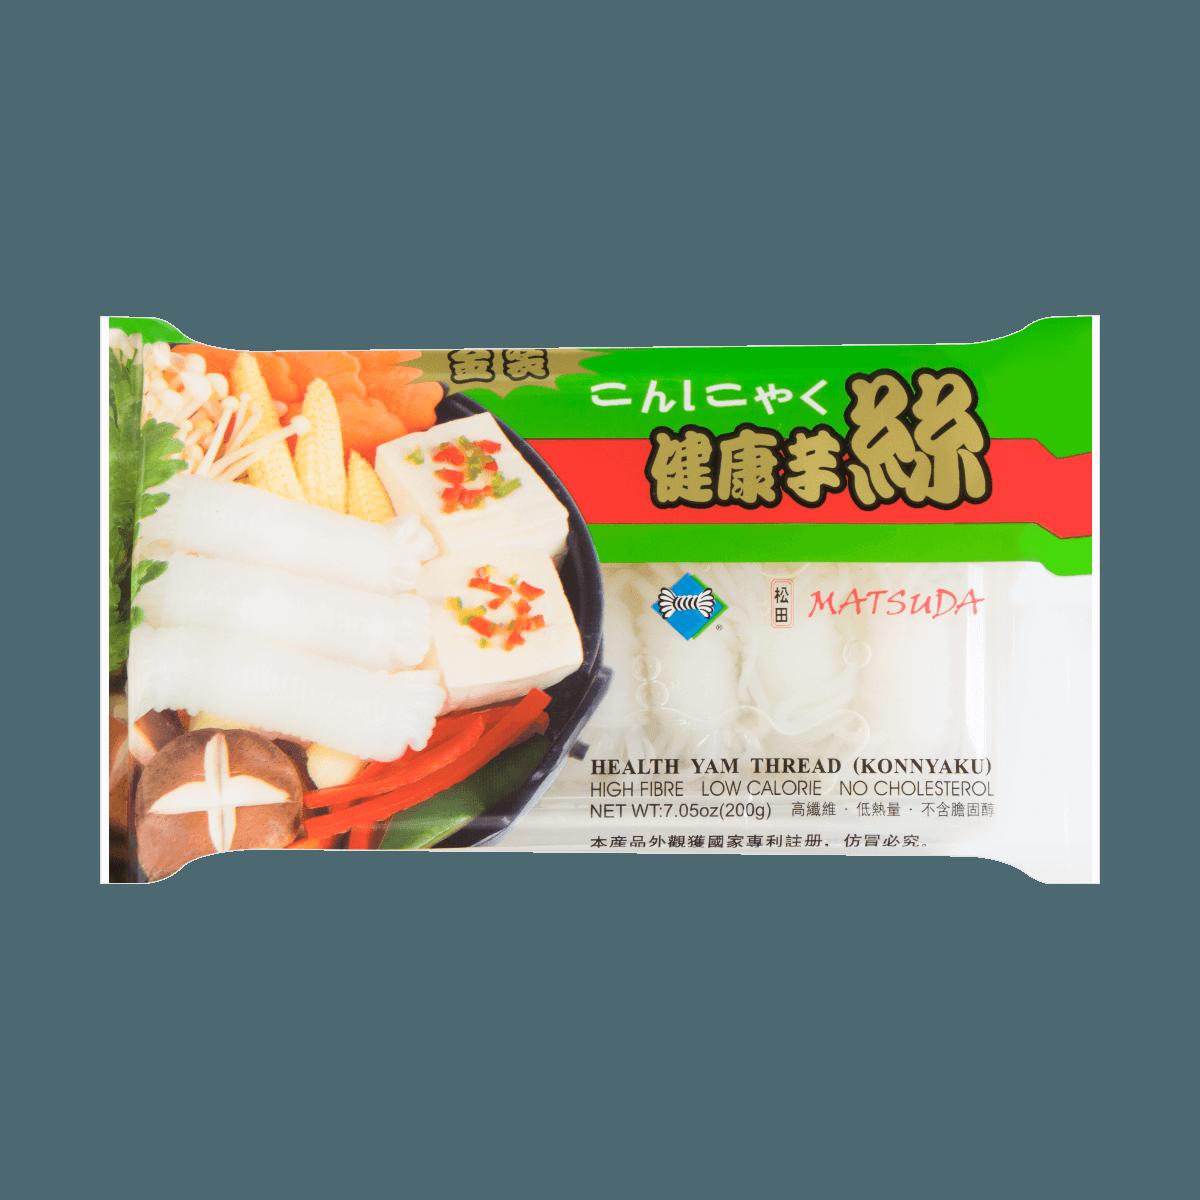 松田MATSUDA 金装健康魔芋丝 200g 怎么样 - 亚米网